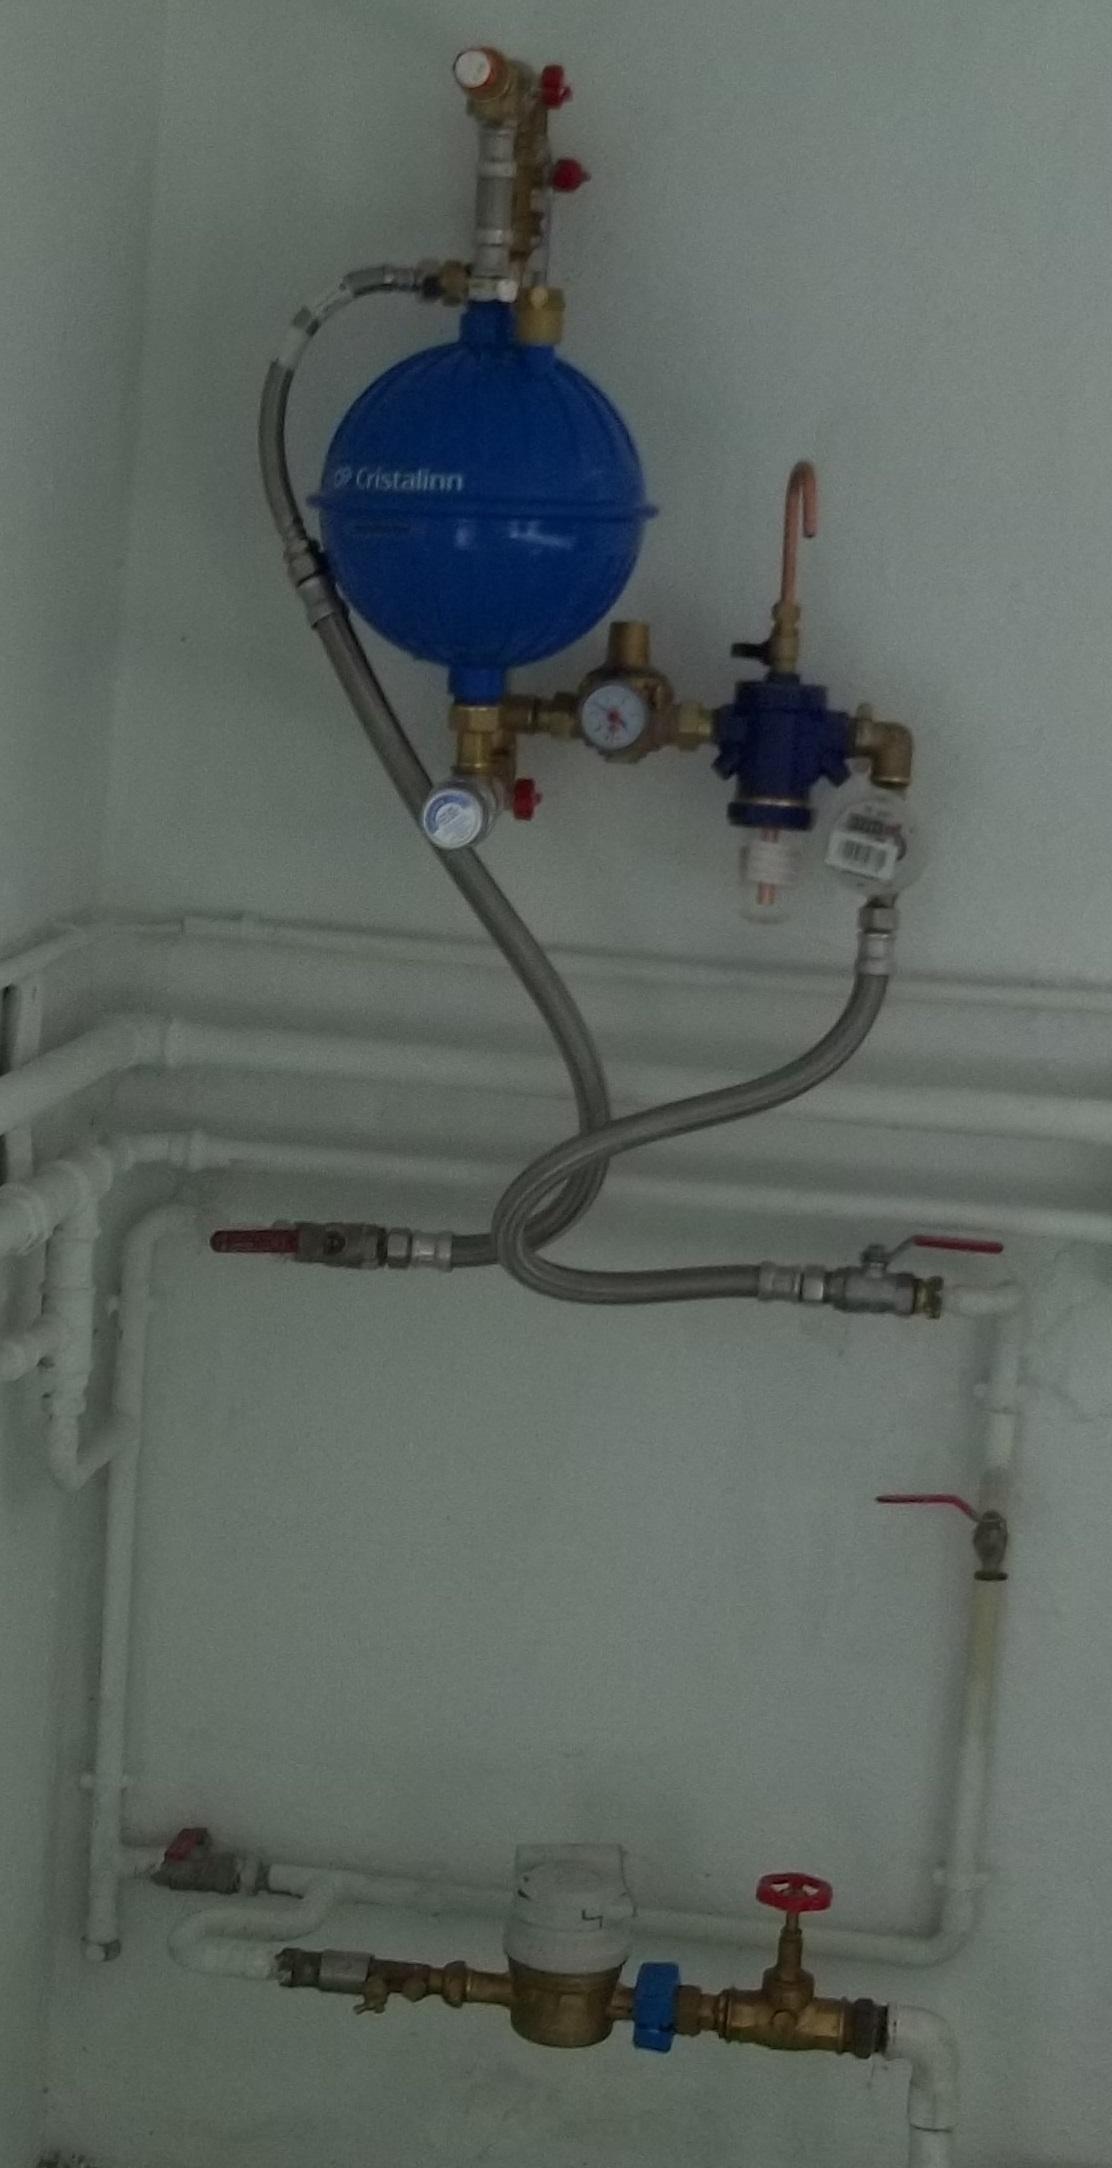 Adoucisseur d'eau sans électricité, sans sel